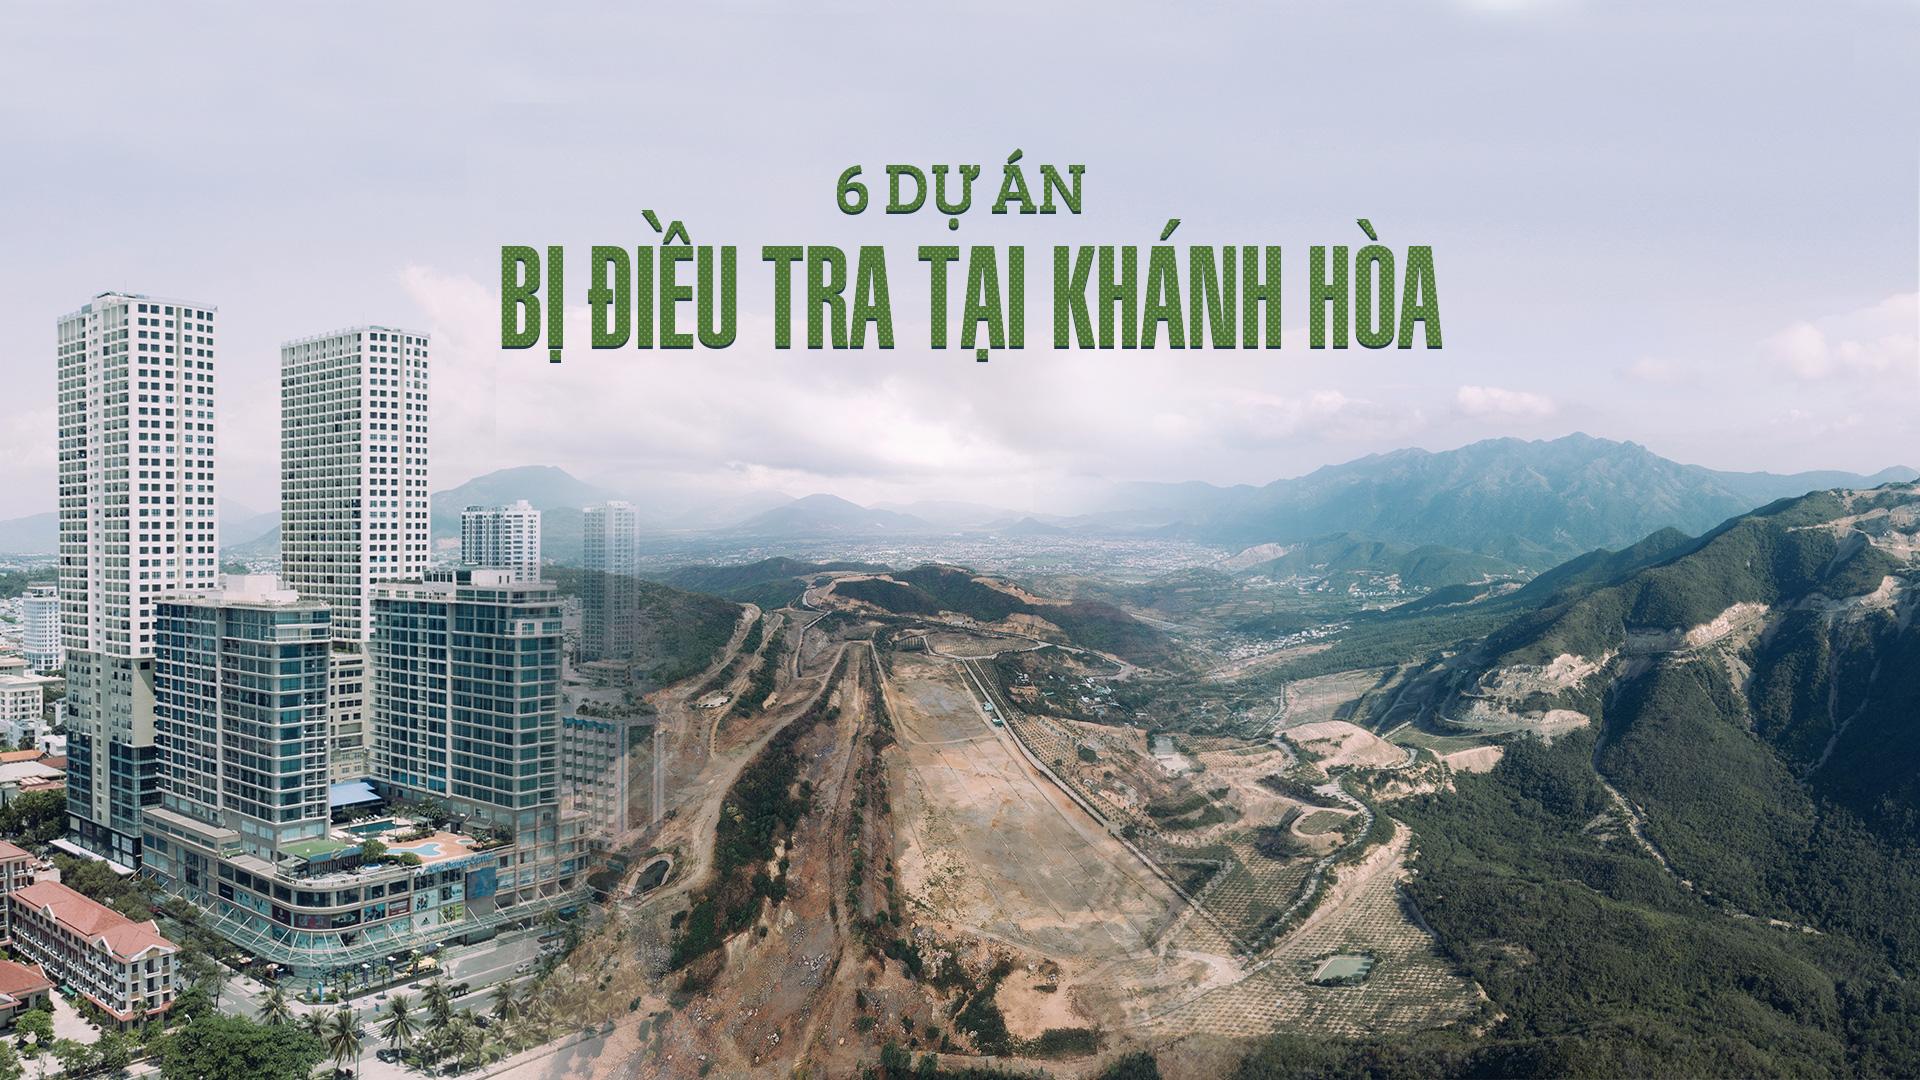 6 dự án bị điều tra tại Khánh Hòa